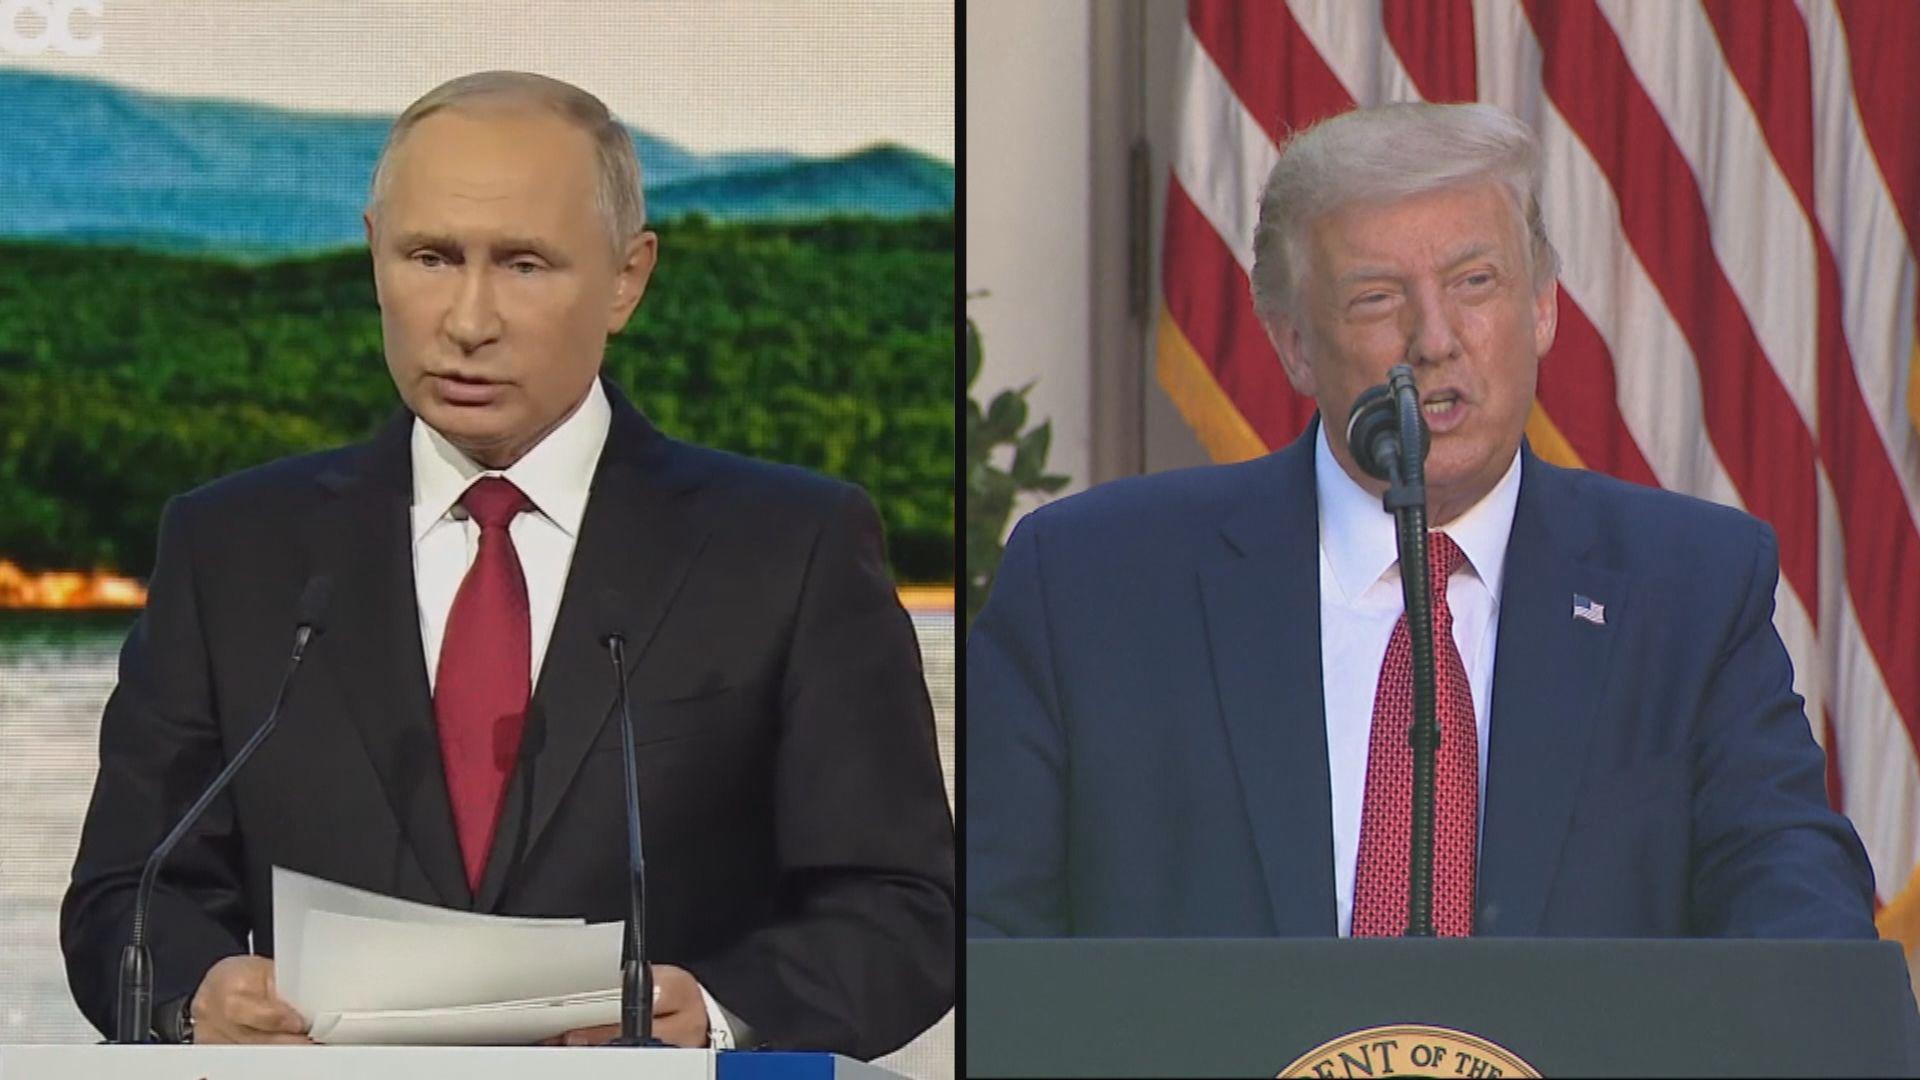 美媒稱特朗普擬大選前與普京舉行峰會